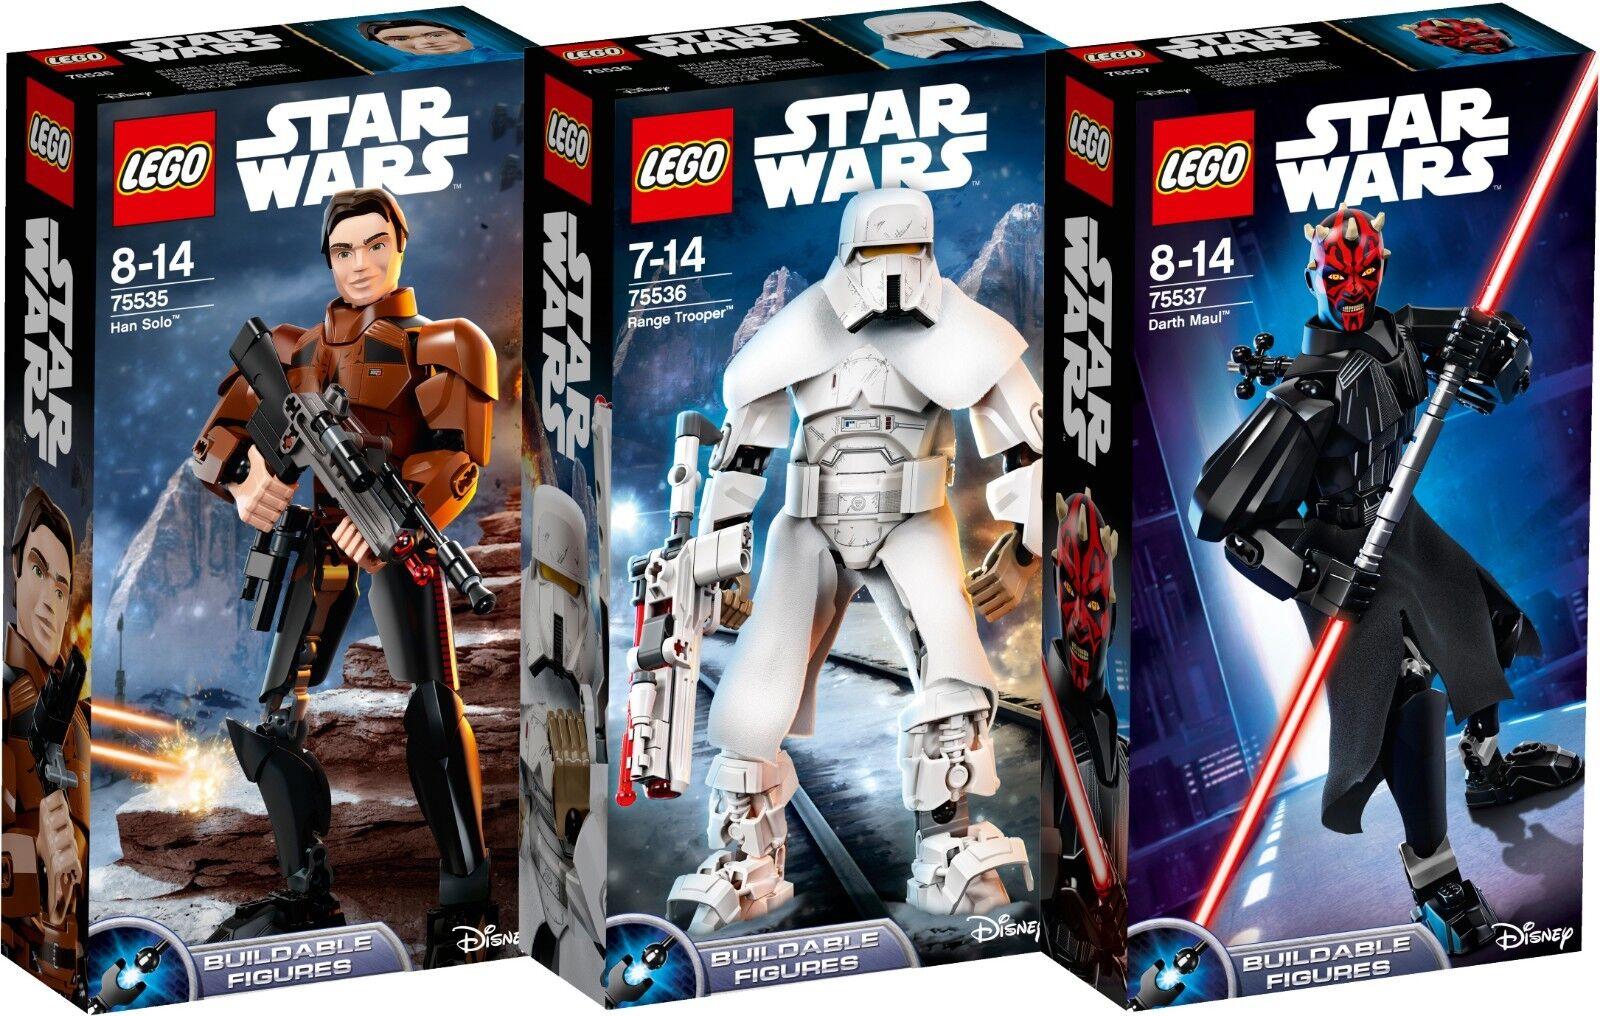 LEGO estrella guerras Han Solo 75535 75536 75537 range Trooper  Darth Maul n5 18  ci sono più marche di prodotti di alta qualità